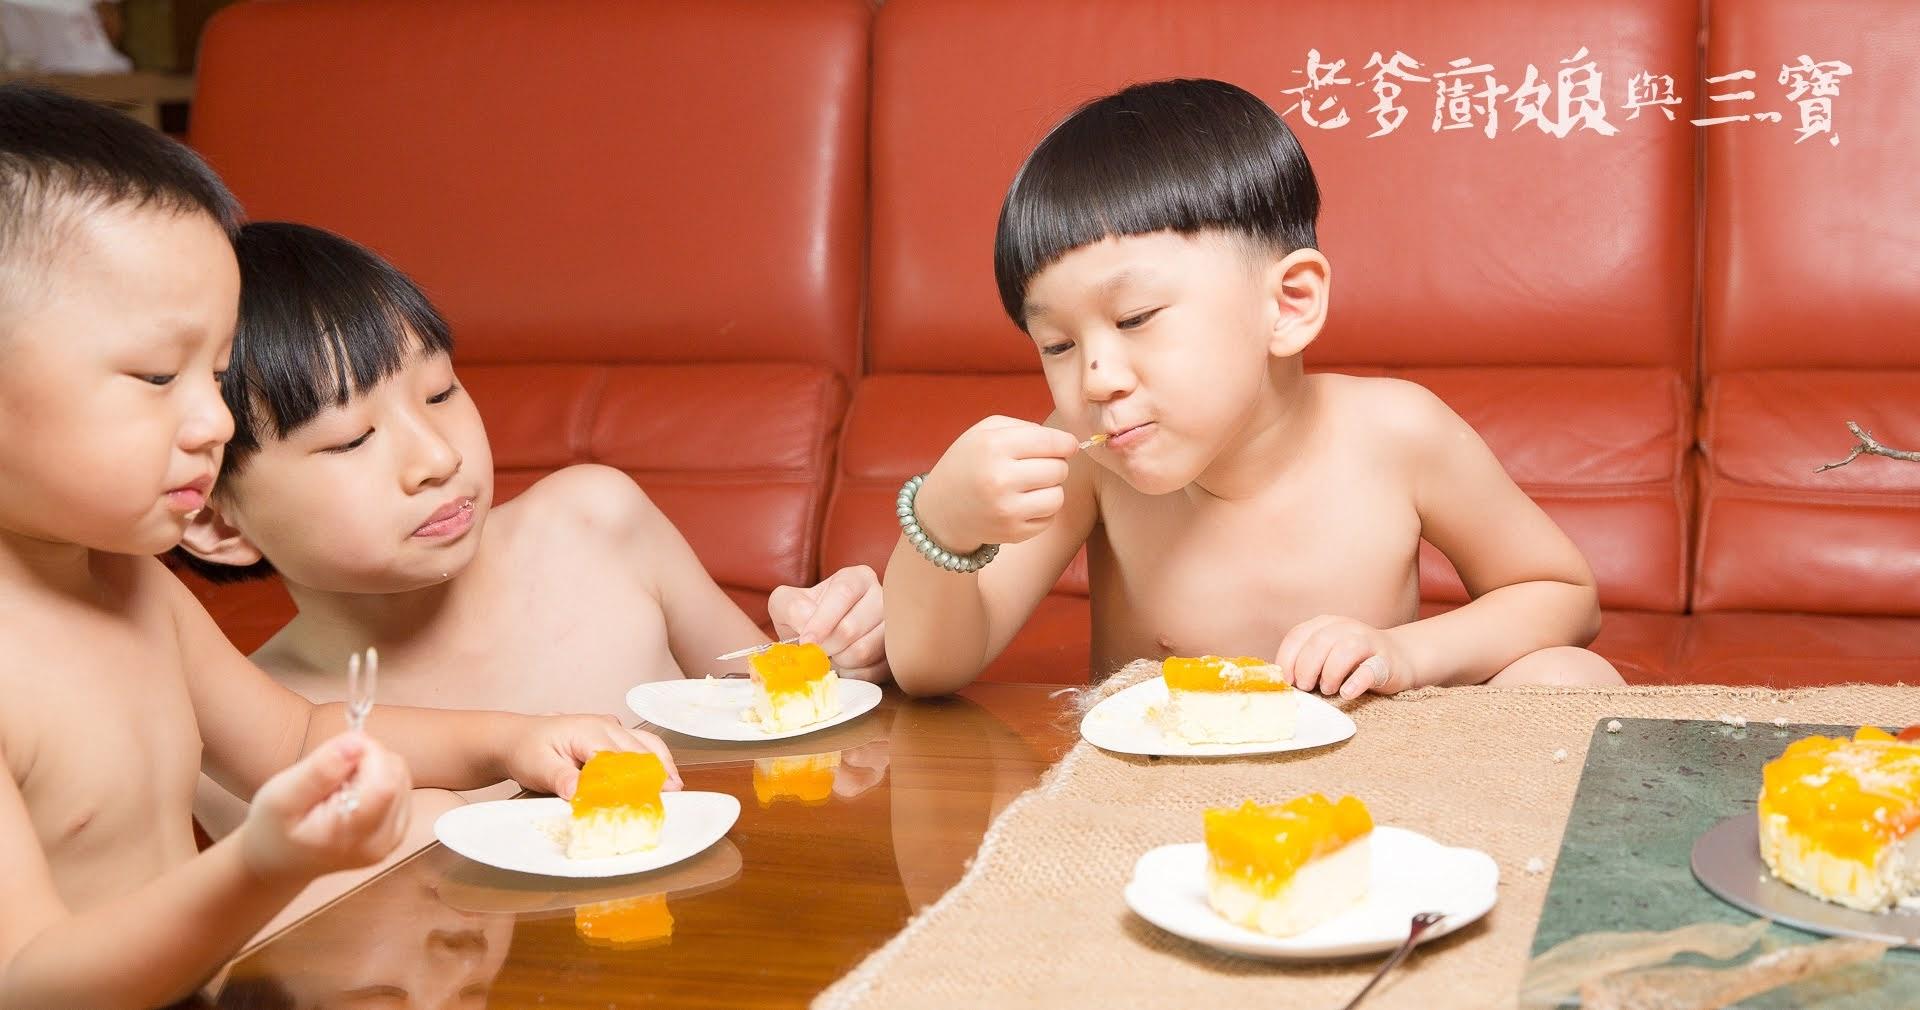 起士公爵 夏日派對芒果乳酪蛋糕...不管了啦!世界不開心,我們也要幸福享受台灣這個季節的專屬美味!